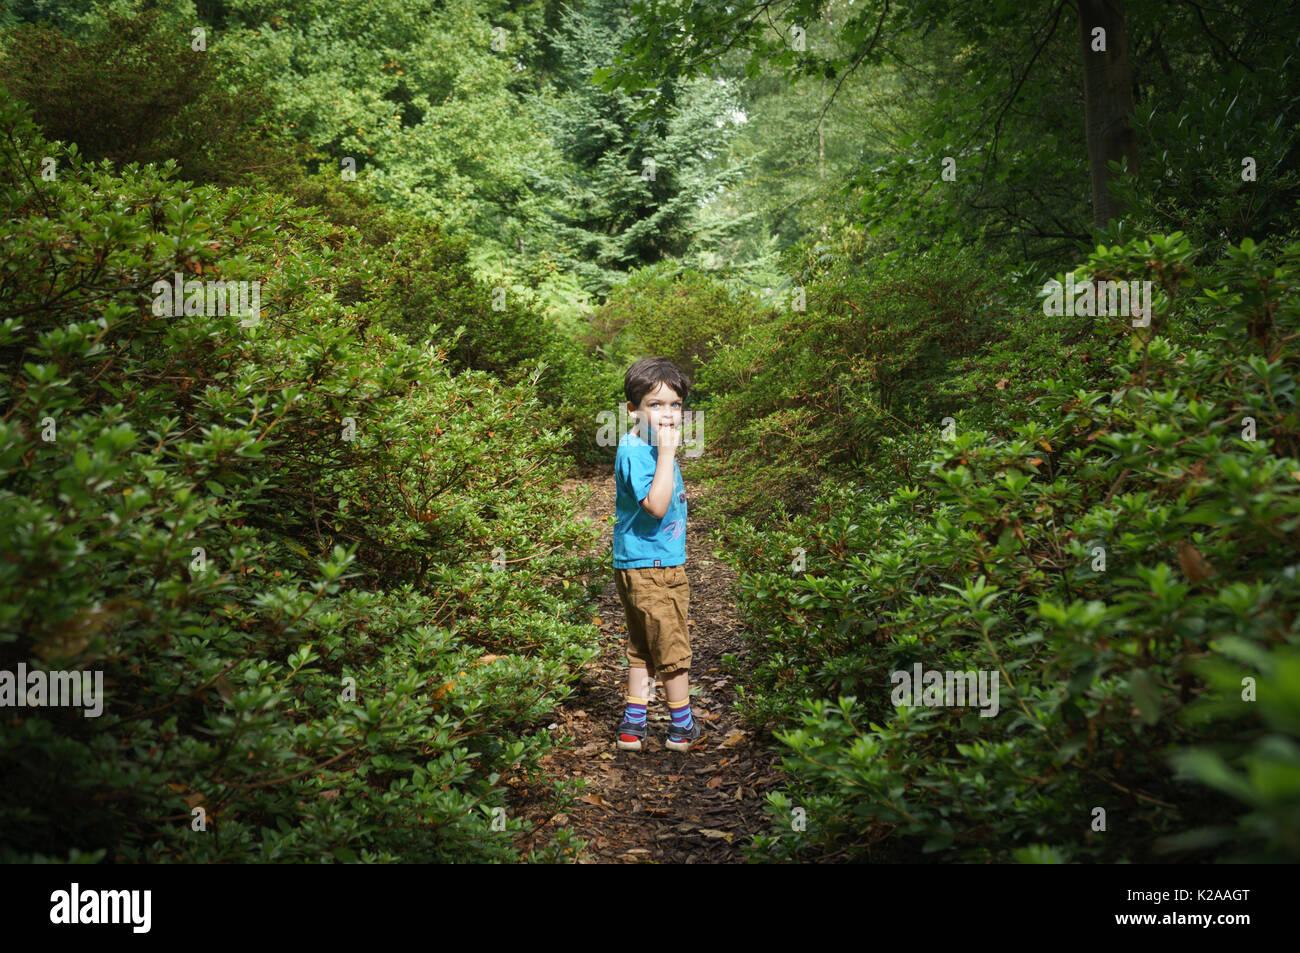 Kleiner Junge im Wald verloren Stockbild